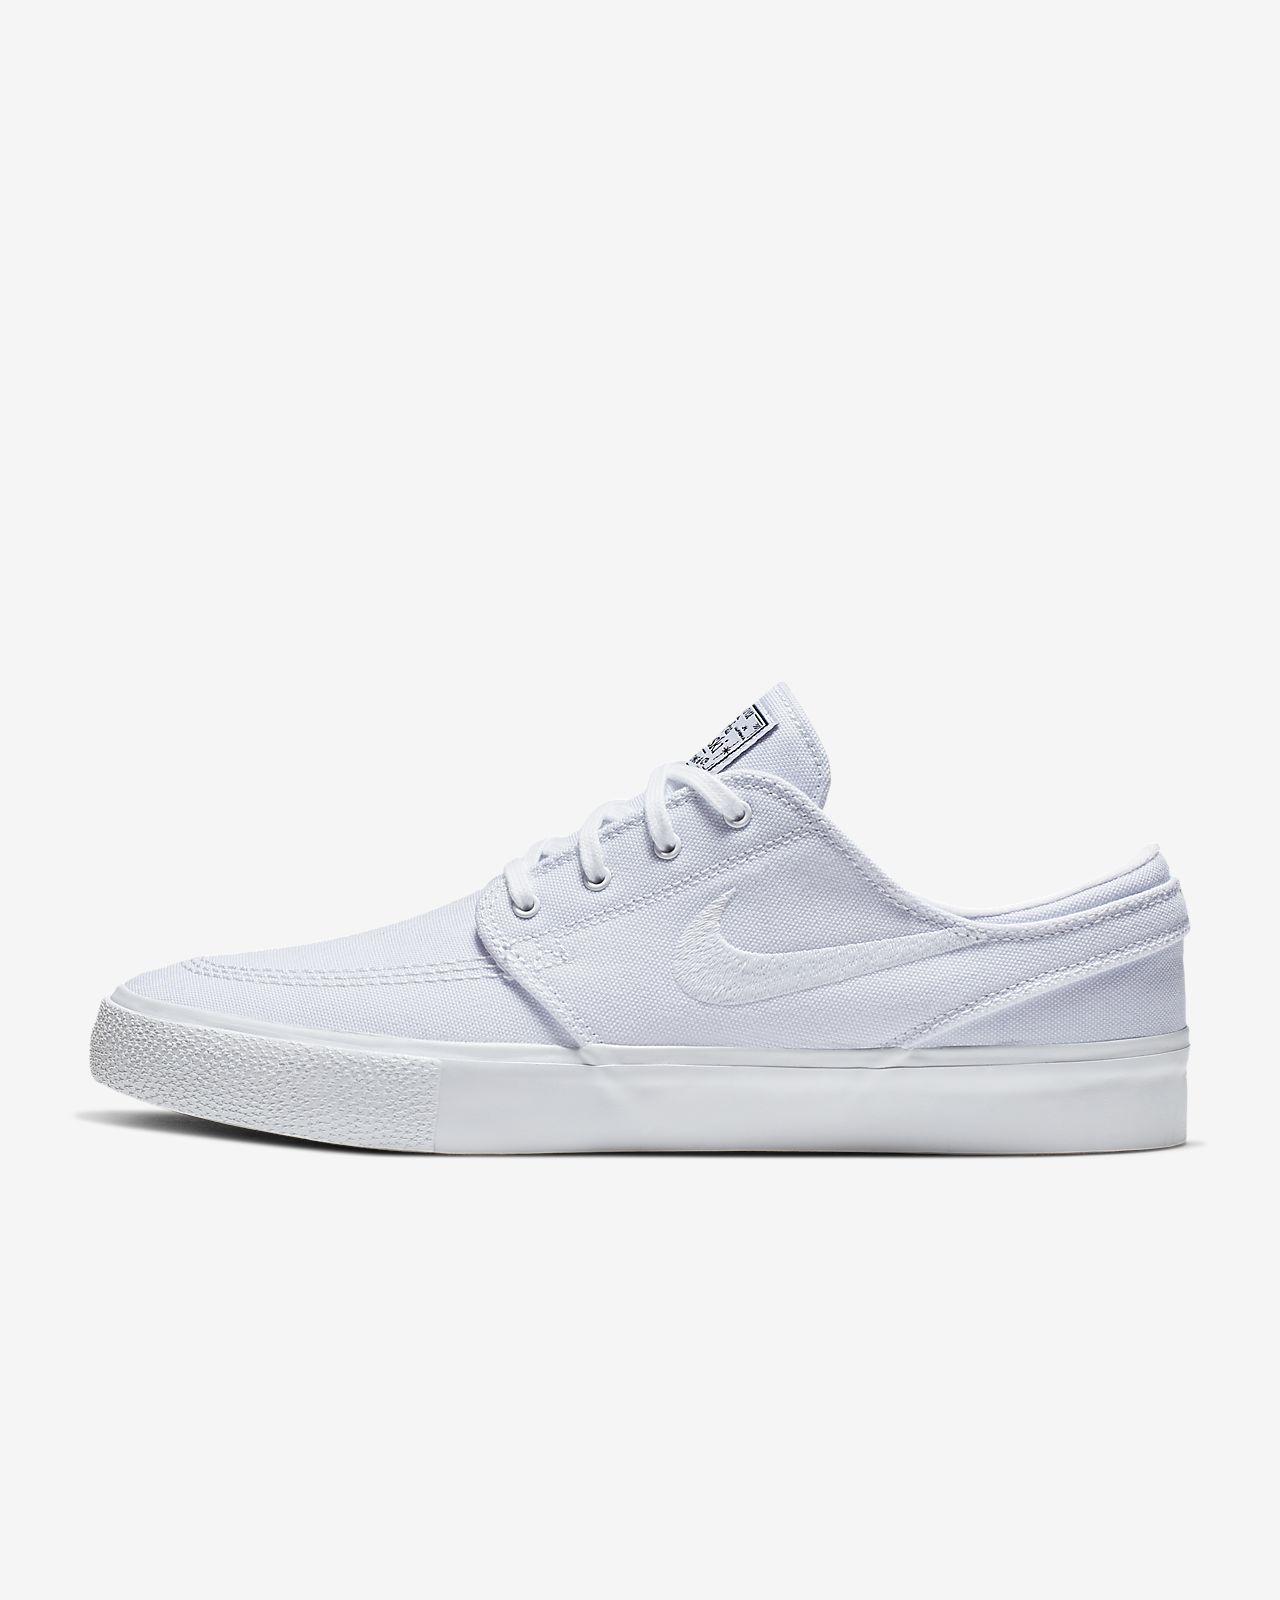 Παπούτσι skateboarding Nike SB Zoom Stefan Janoski Canvas RM